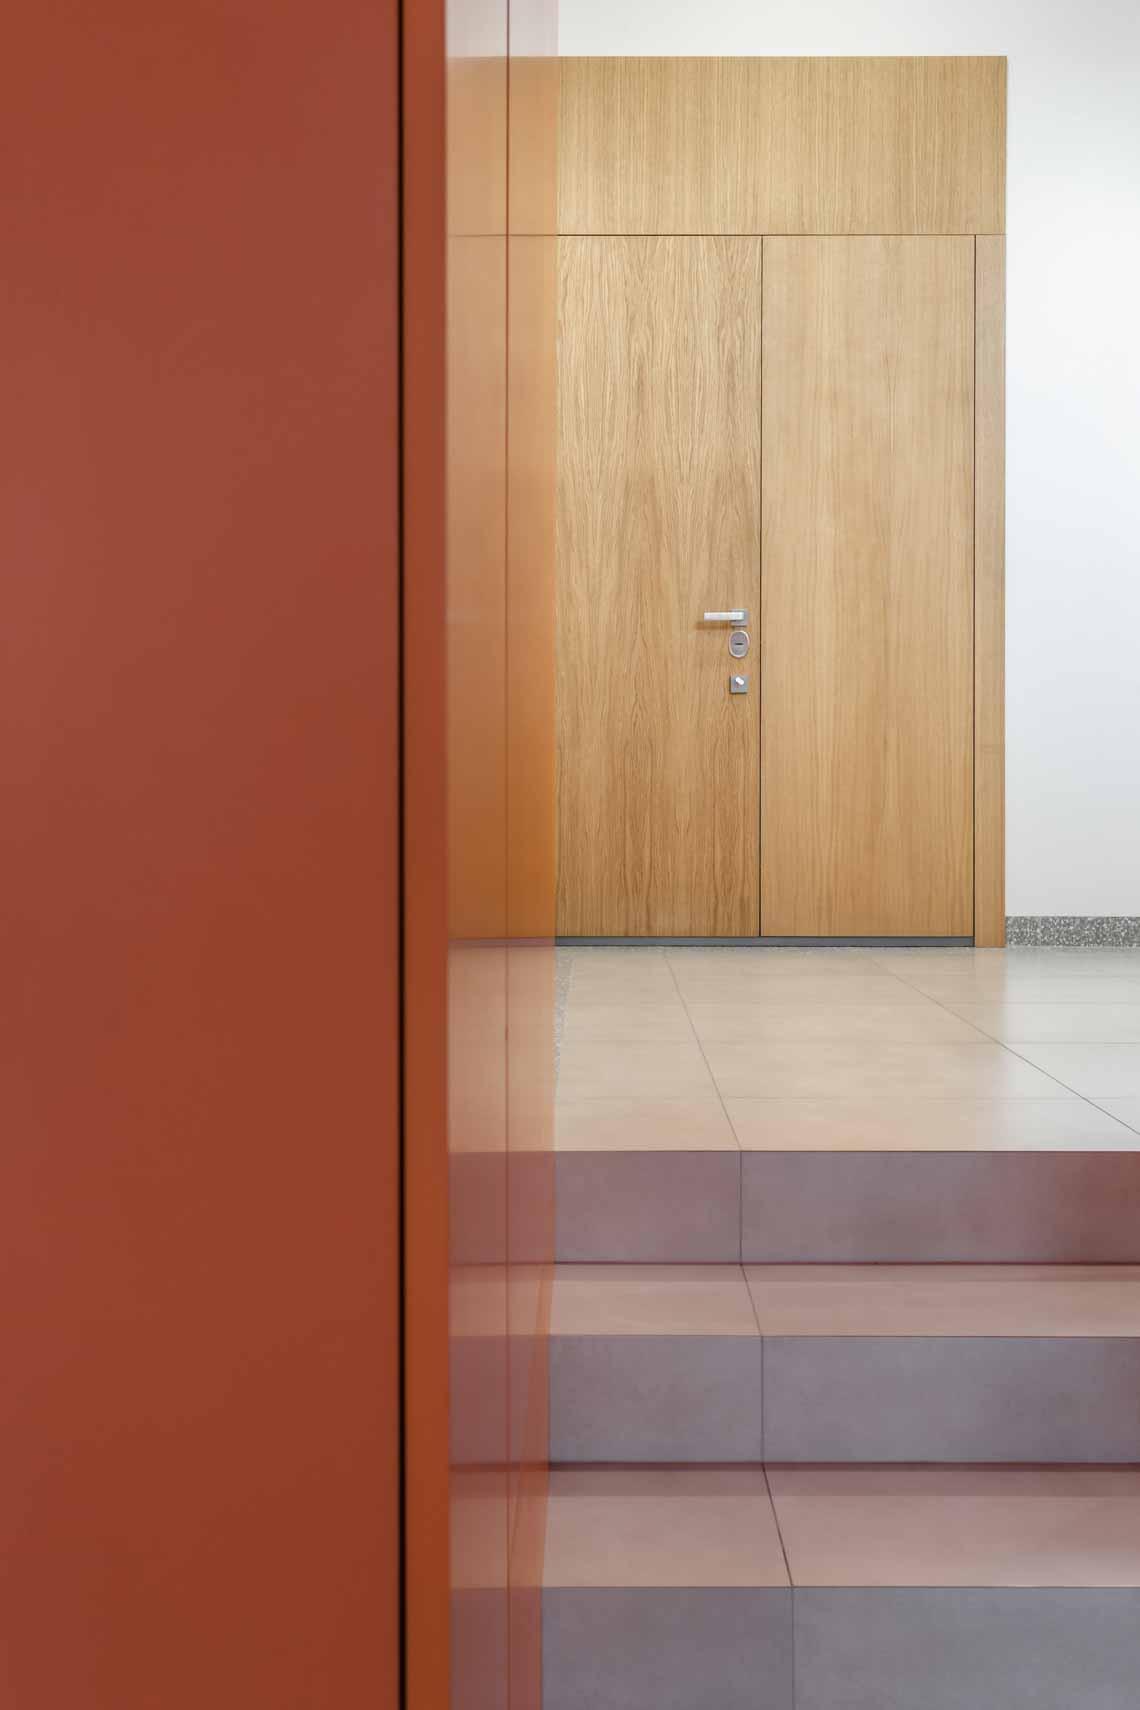 Dự án FG OFF – Một văn phòng không gian hình học màu cam -15